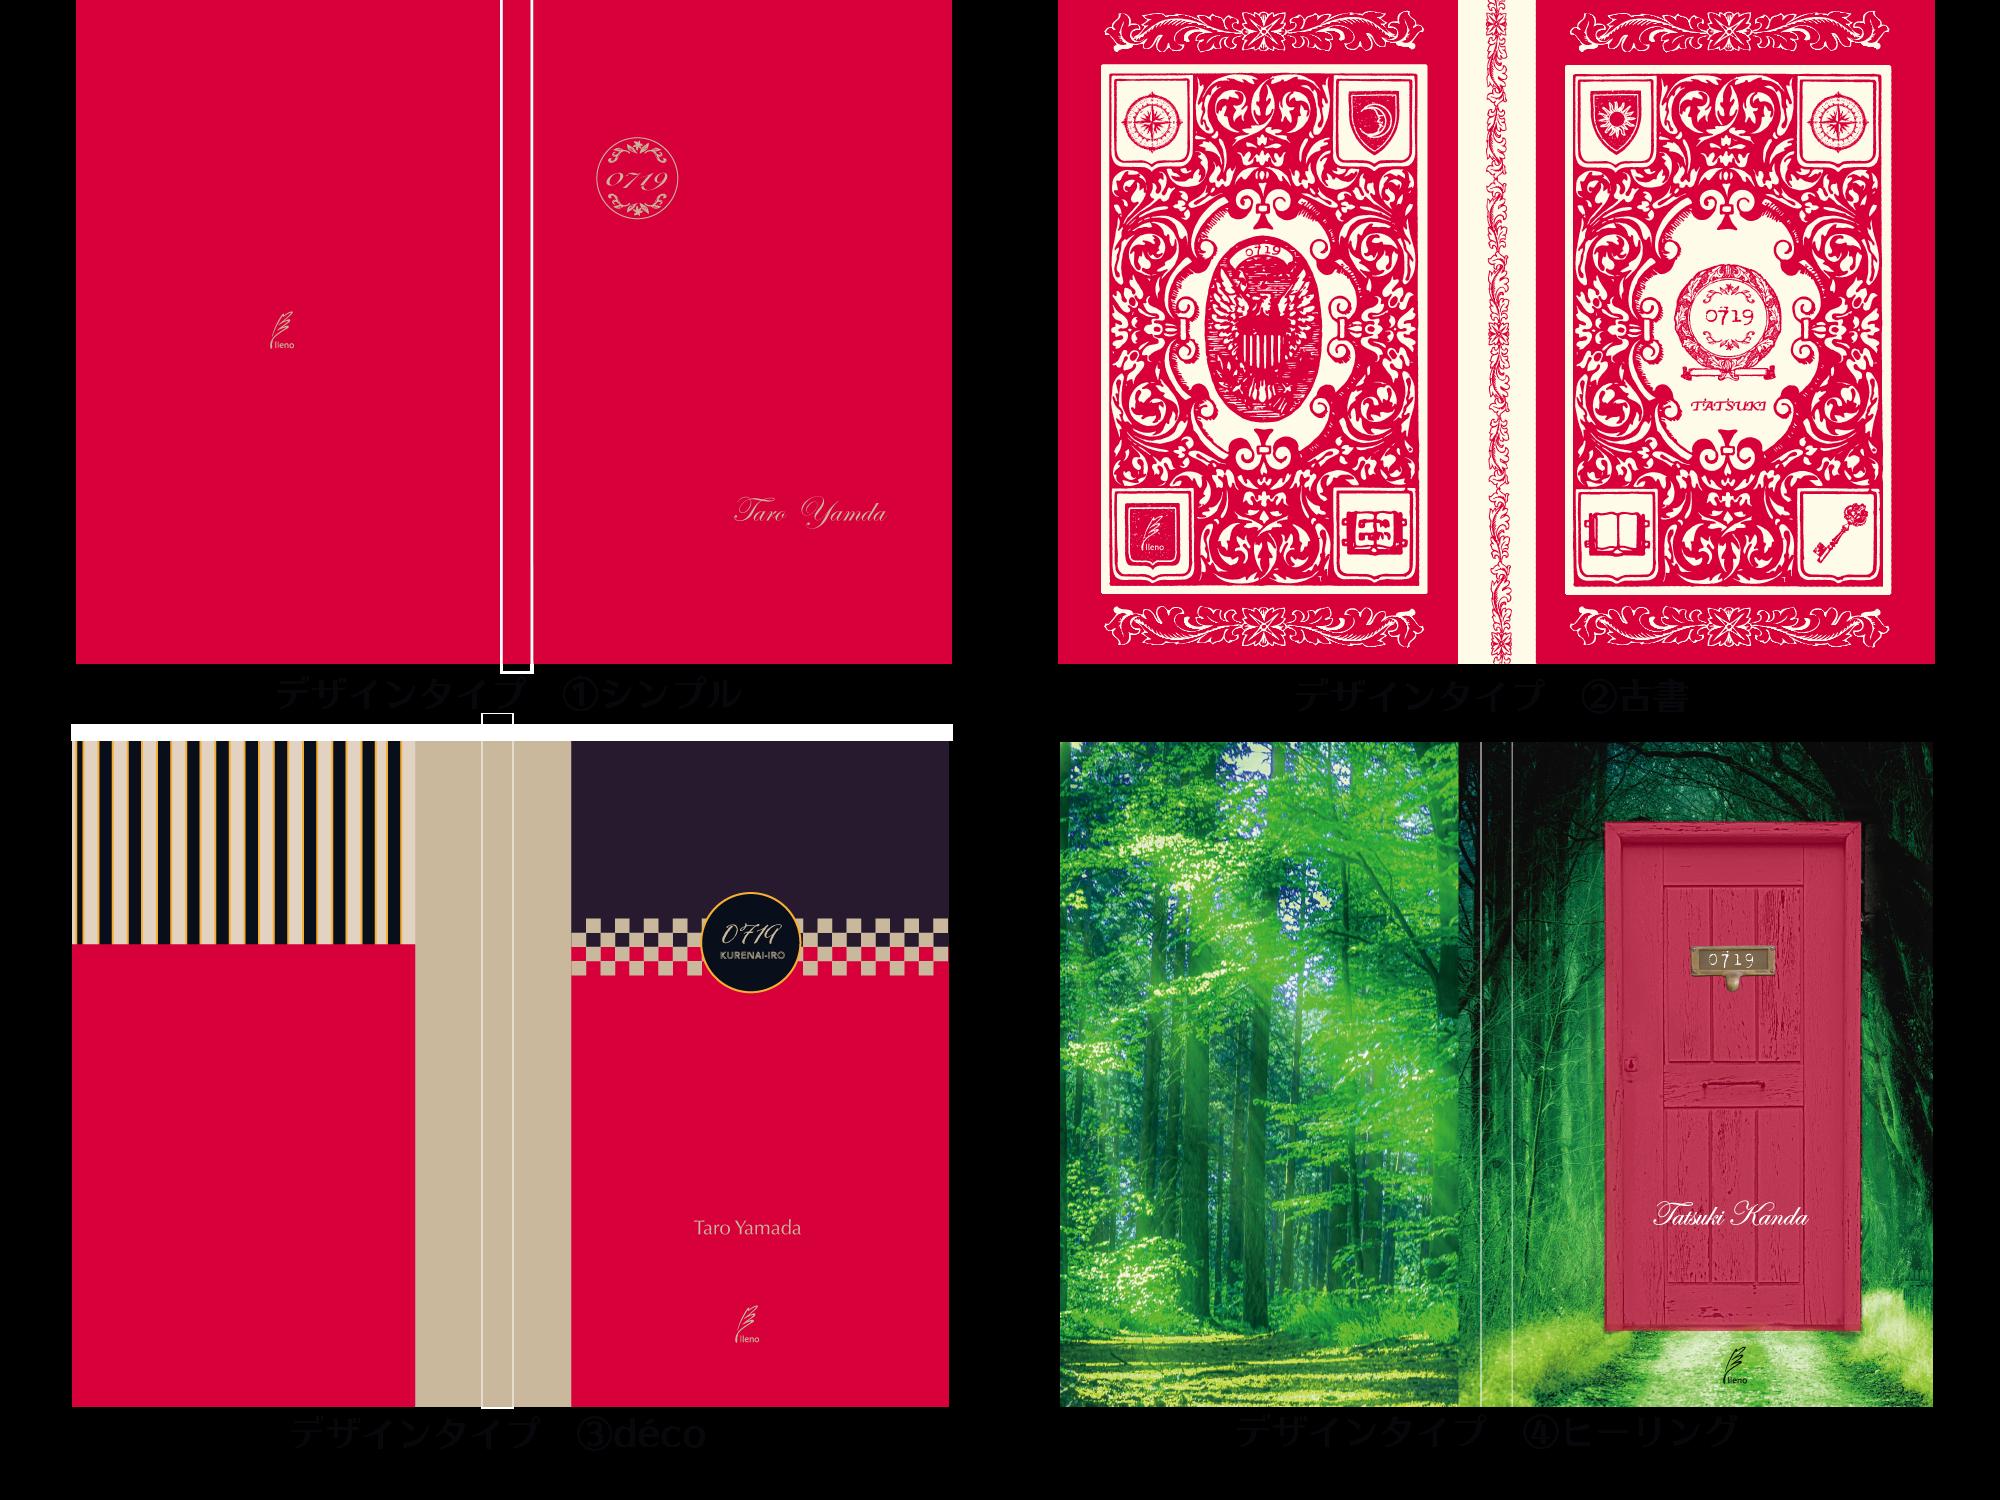 運命のノート『7月19日 紅色』(鑑定&メッセージカード付)